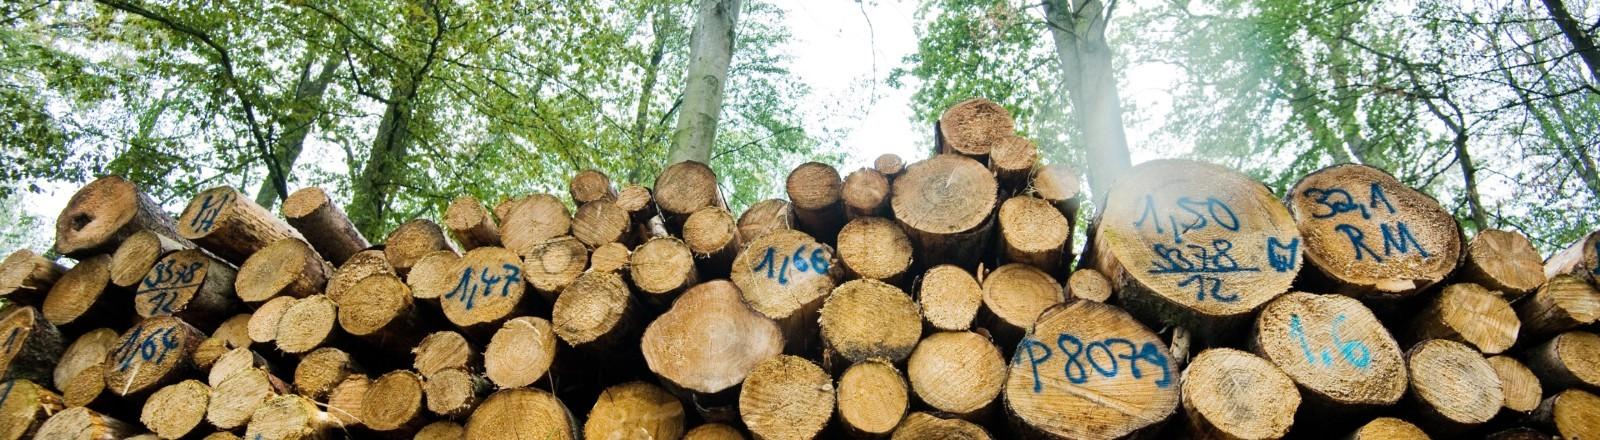 Abgeholzte Buchen in einem Wald. Folge der Dürre.